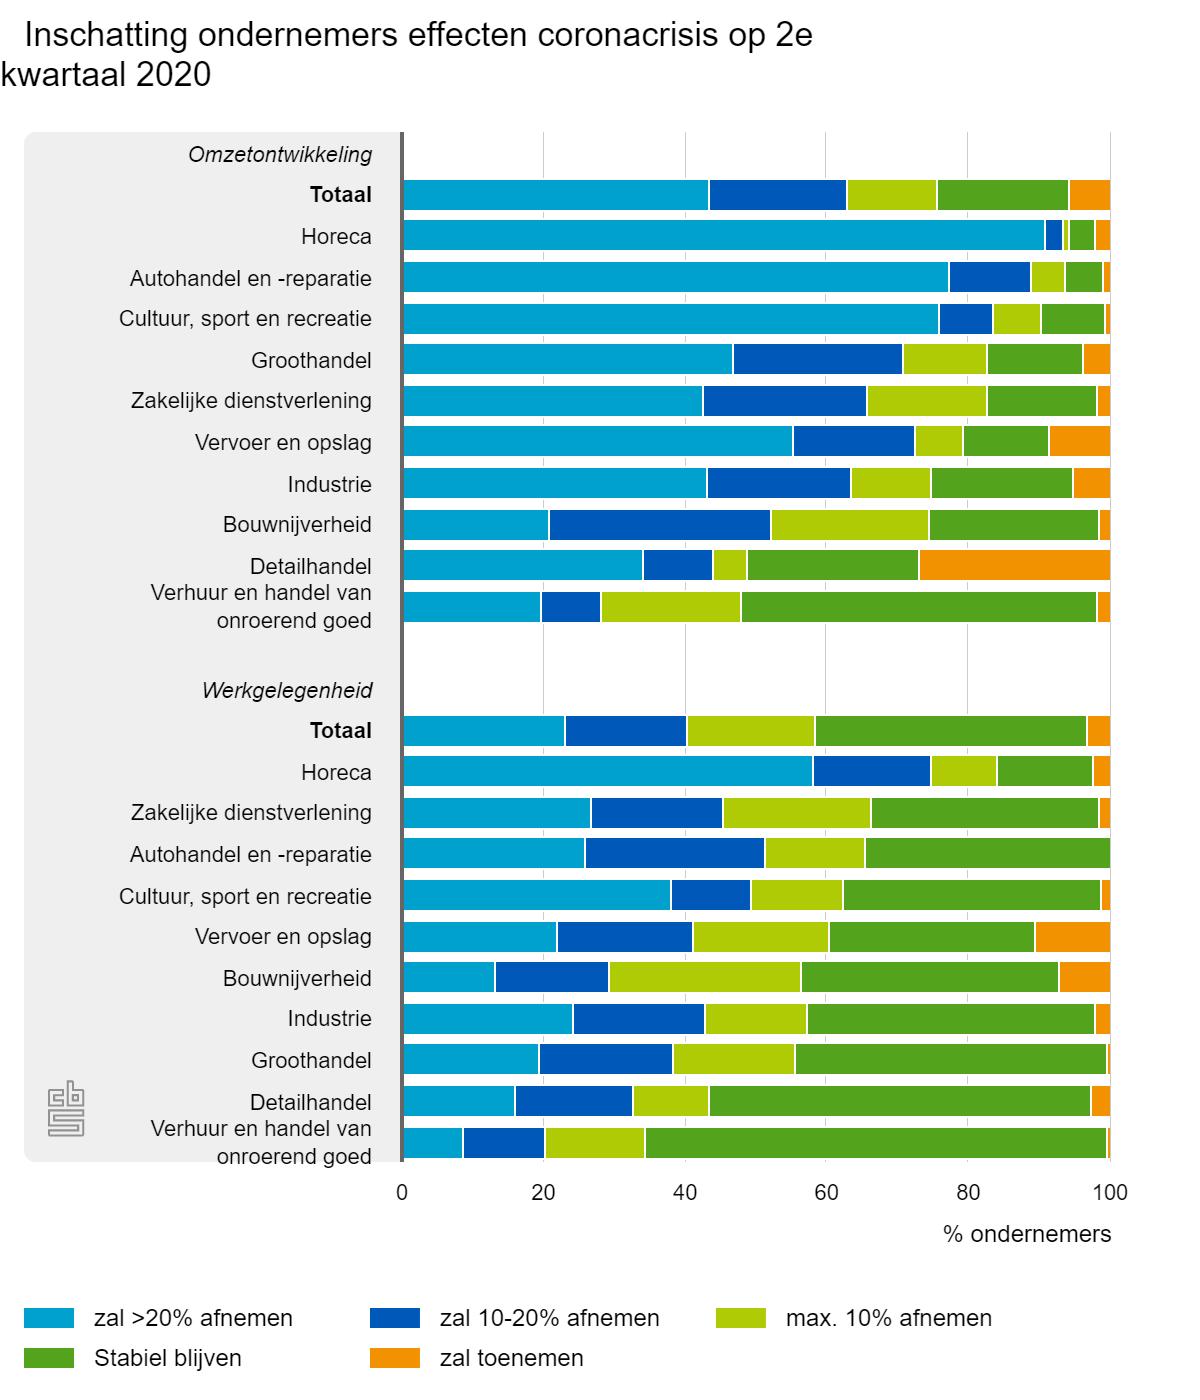 inschatting ondernemers van effecten coronacrisis op 2e kwartaal 2020